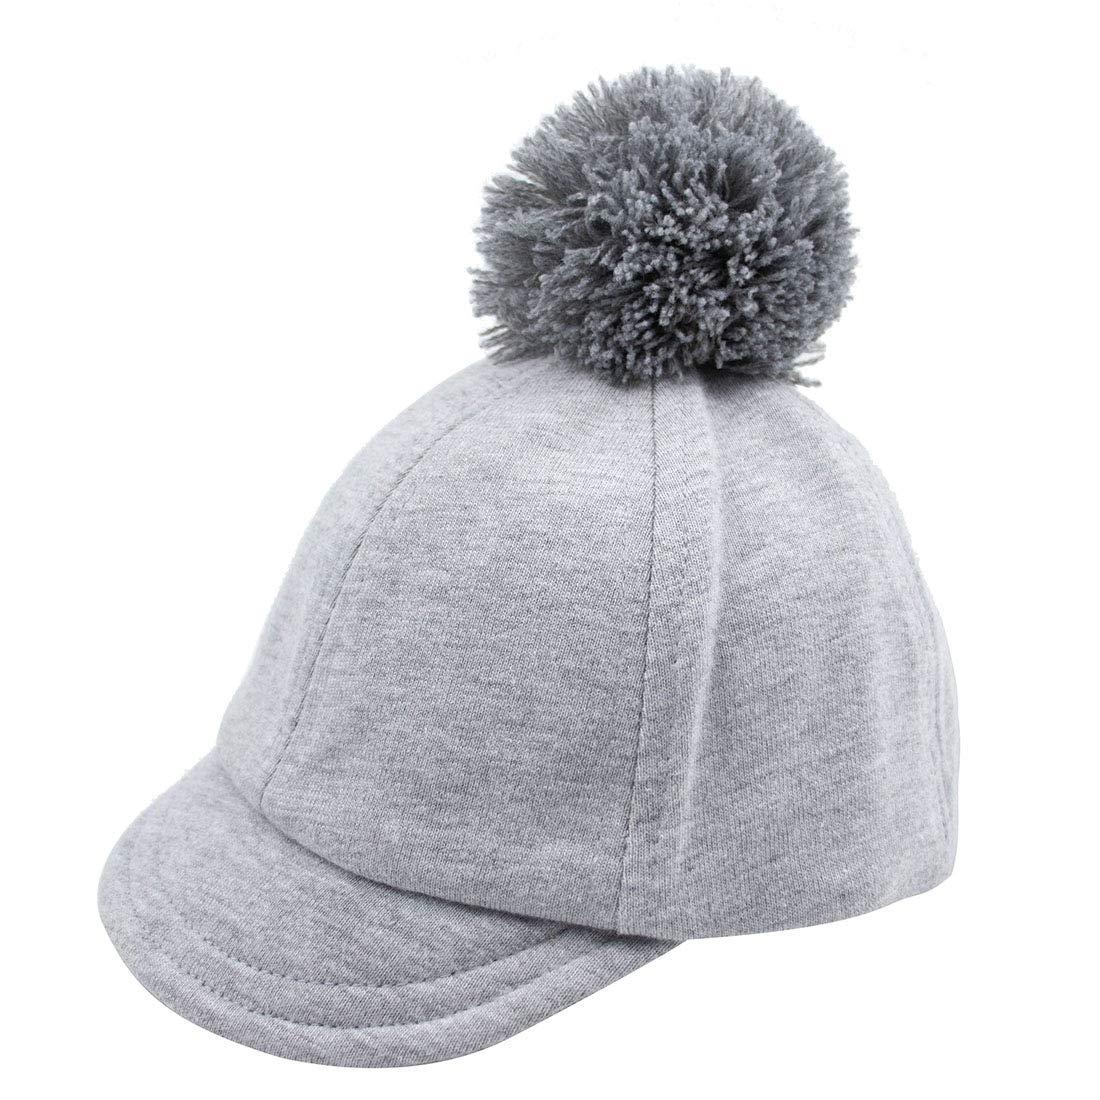 ERISO HAT ベビーボーイズ US サイズ: 3-6 Months カラー: グレー   B07MK38CH4